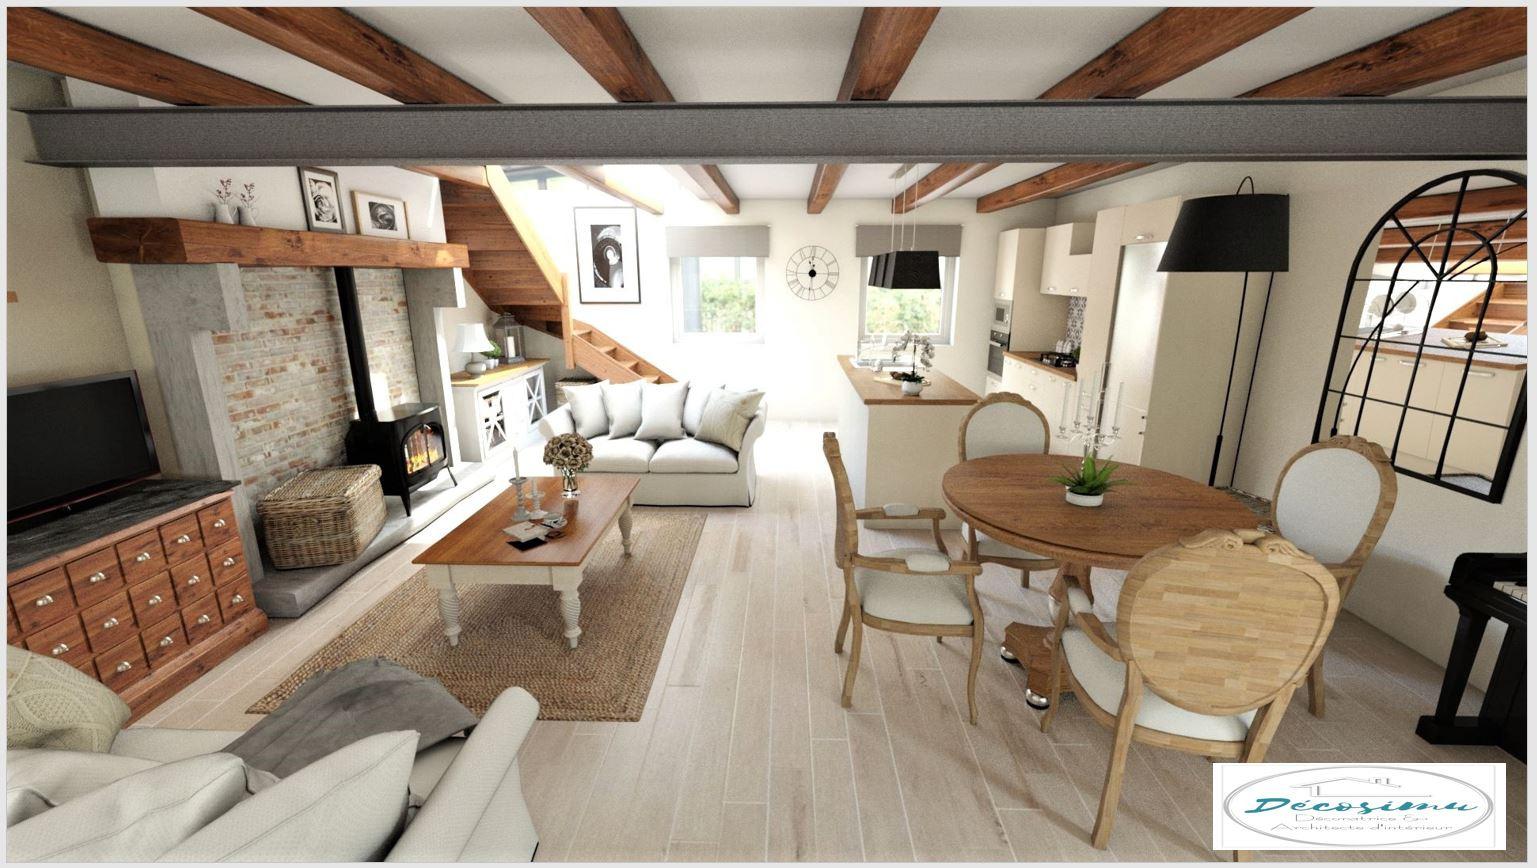 Style Maison De Campagne relooking 3d d'une ancienne maison en un style campagne chic